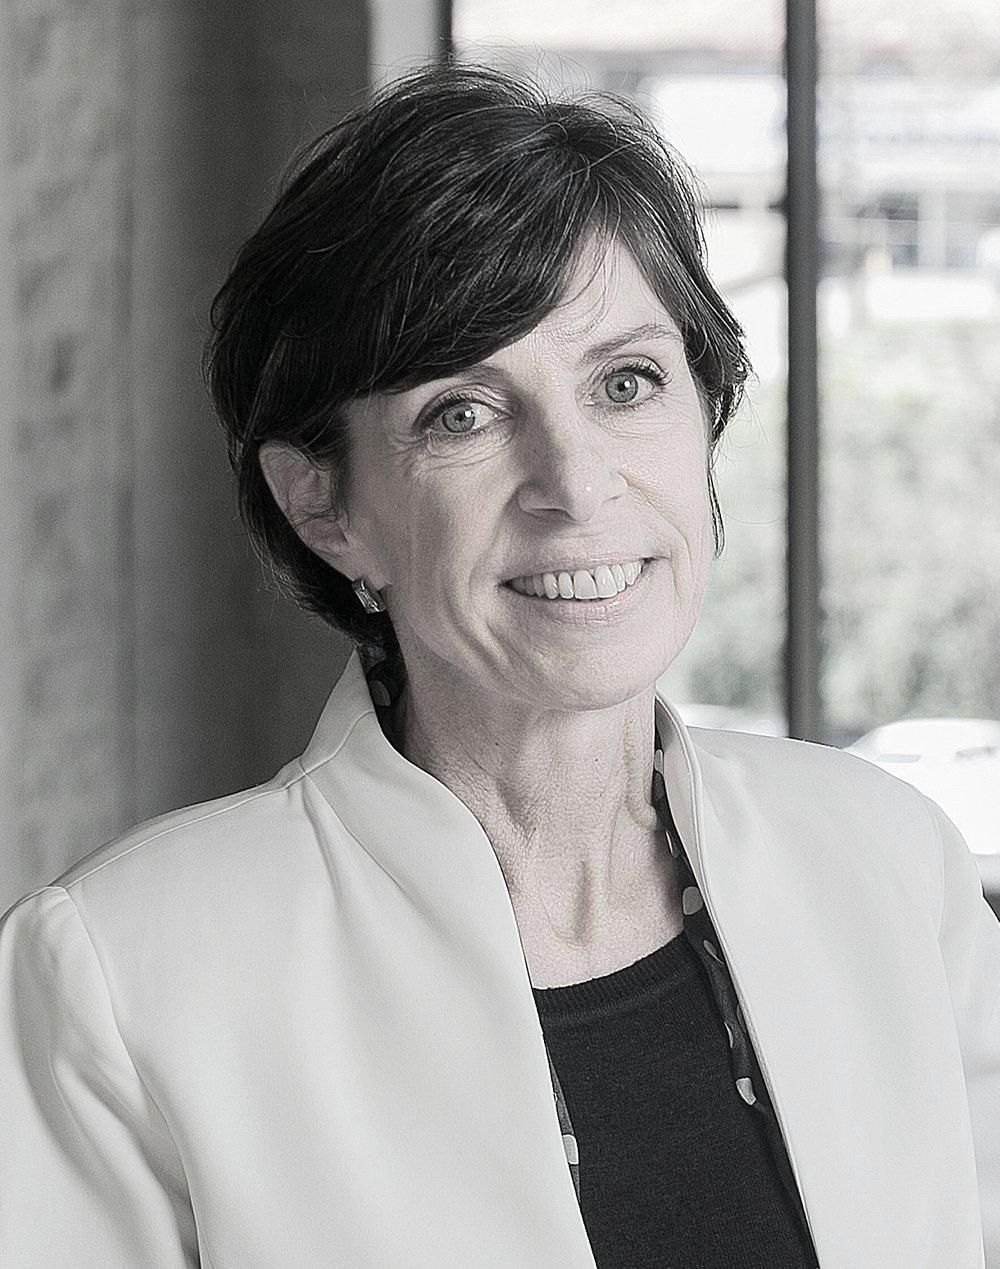 Silvia Vieira, Gerente Geral de Pesquisa & Desenvolvimento & Qualidade, Votorantim Cimentos